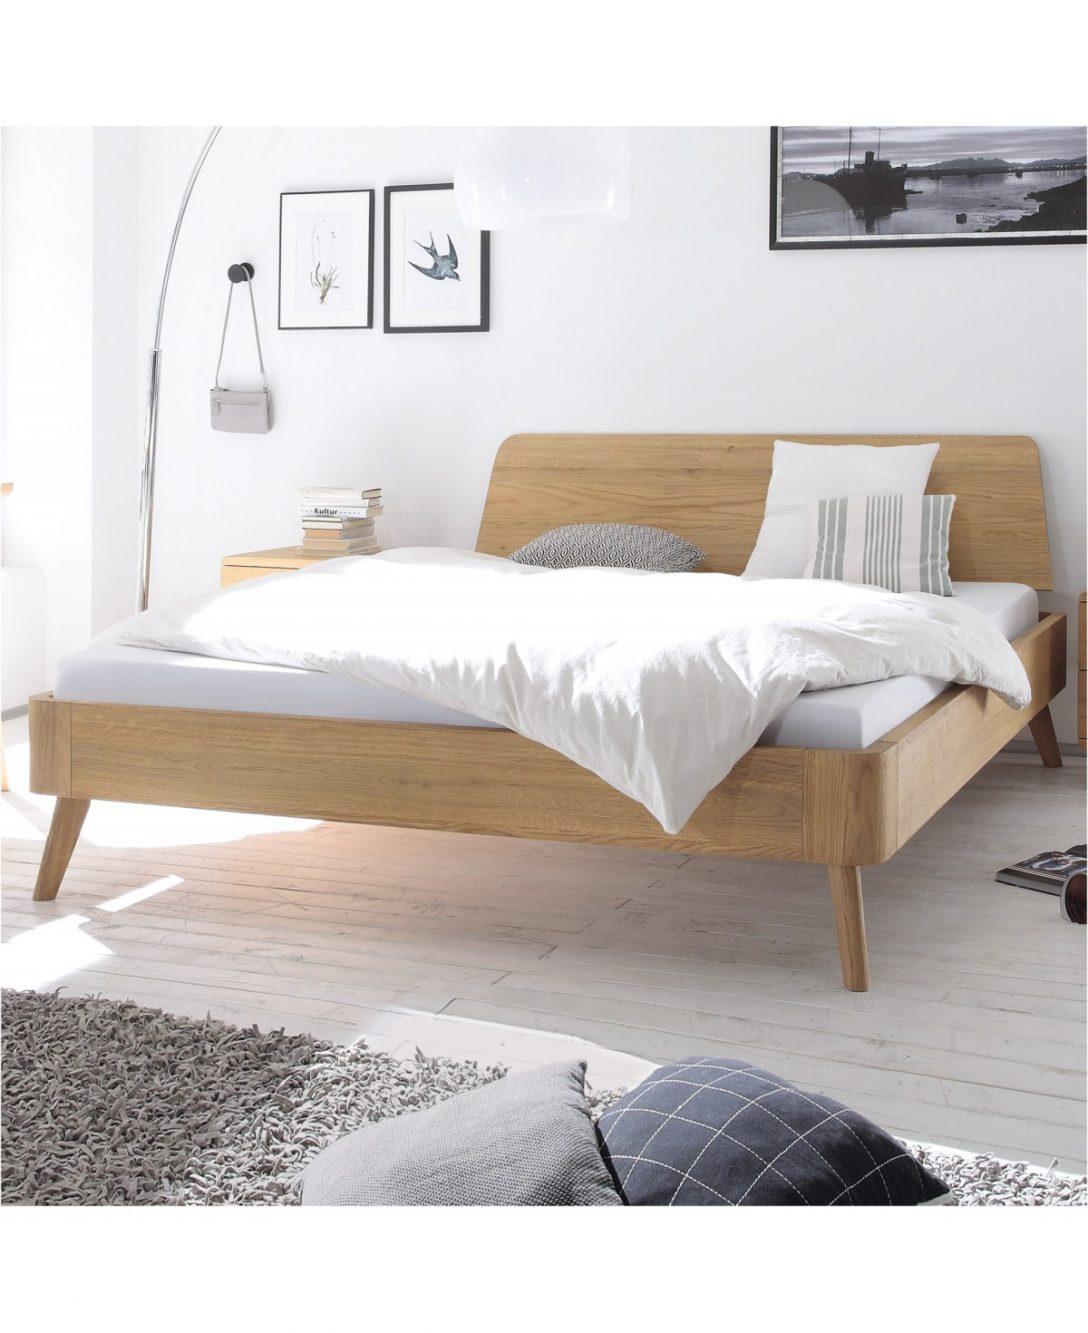 Large Size of Bett Weiß 120x200 Mit Matratze Und Lattenrost Betten Bettkasten Wohnzimmer Stauraumbett 120x200